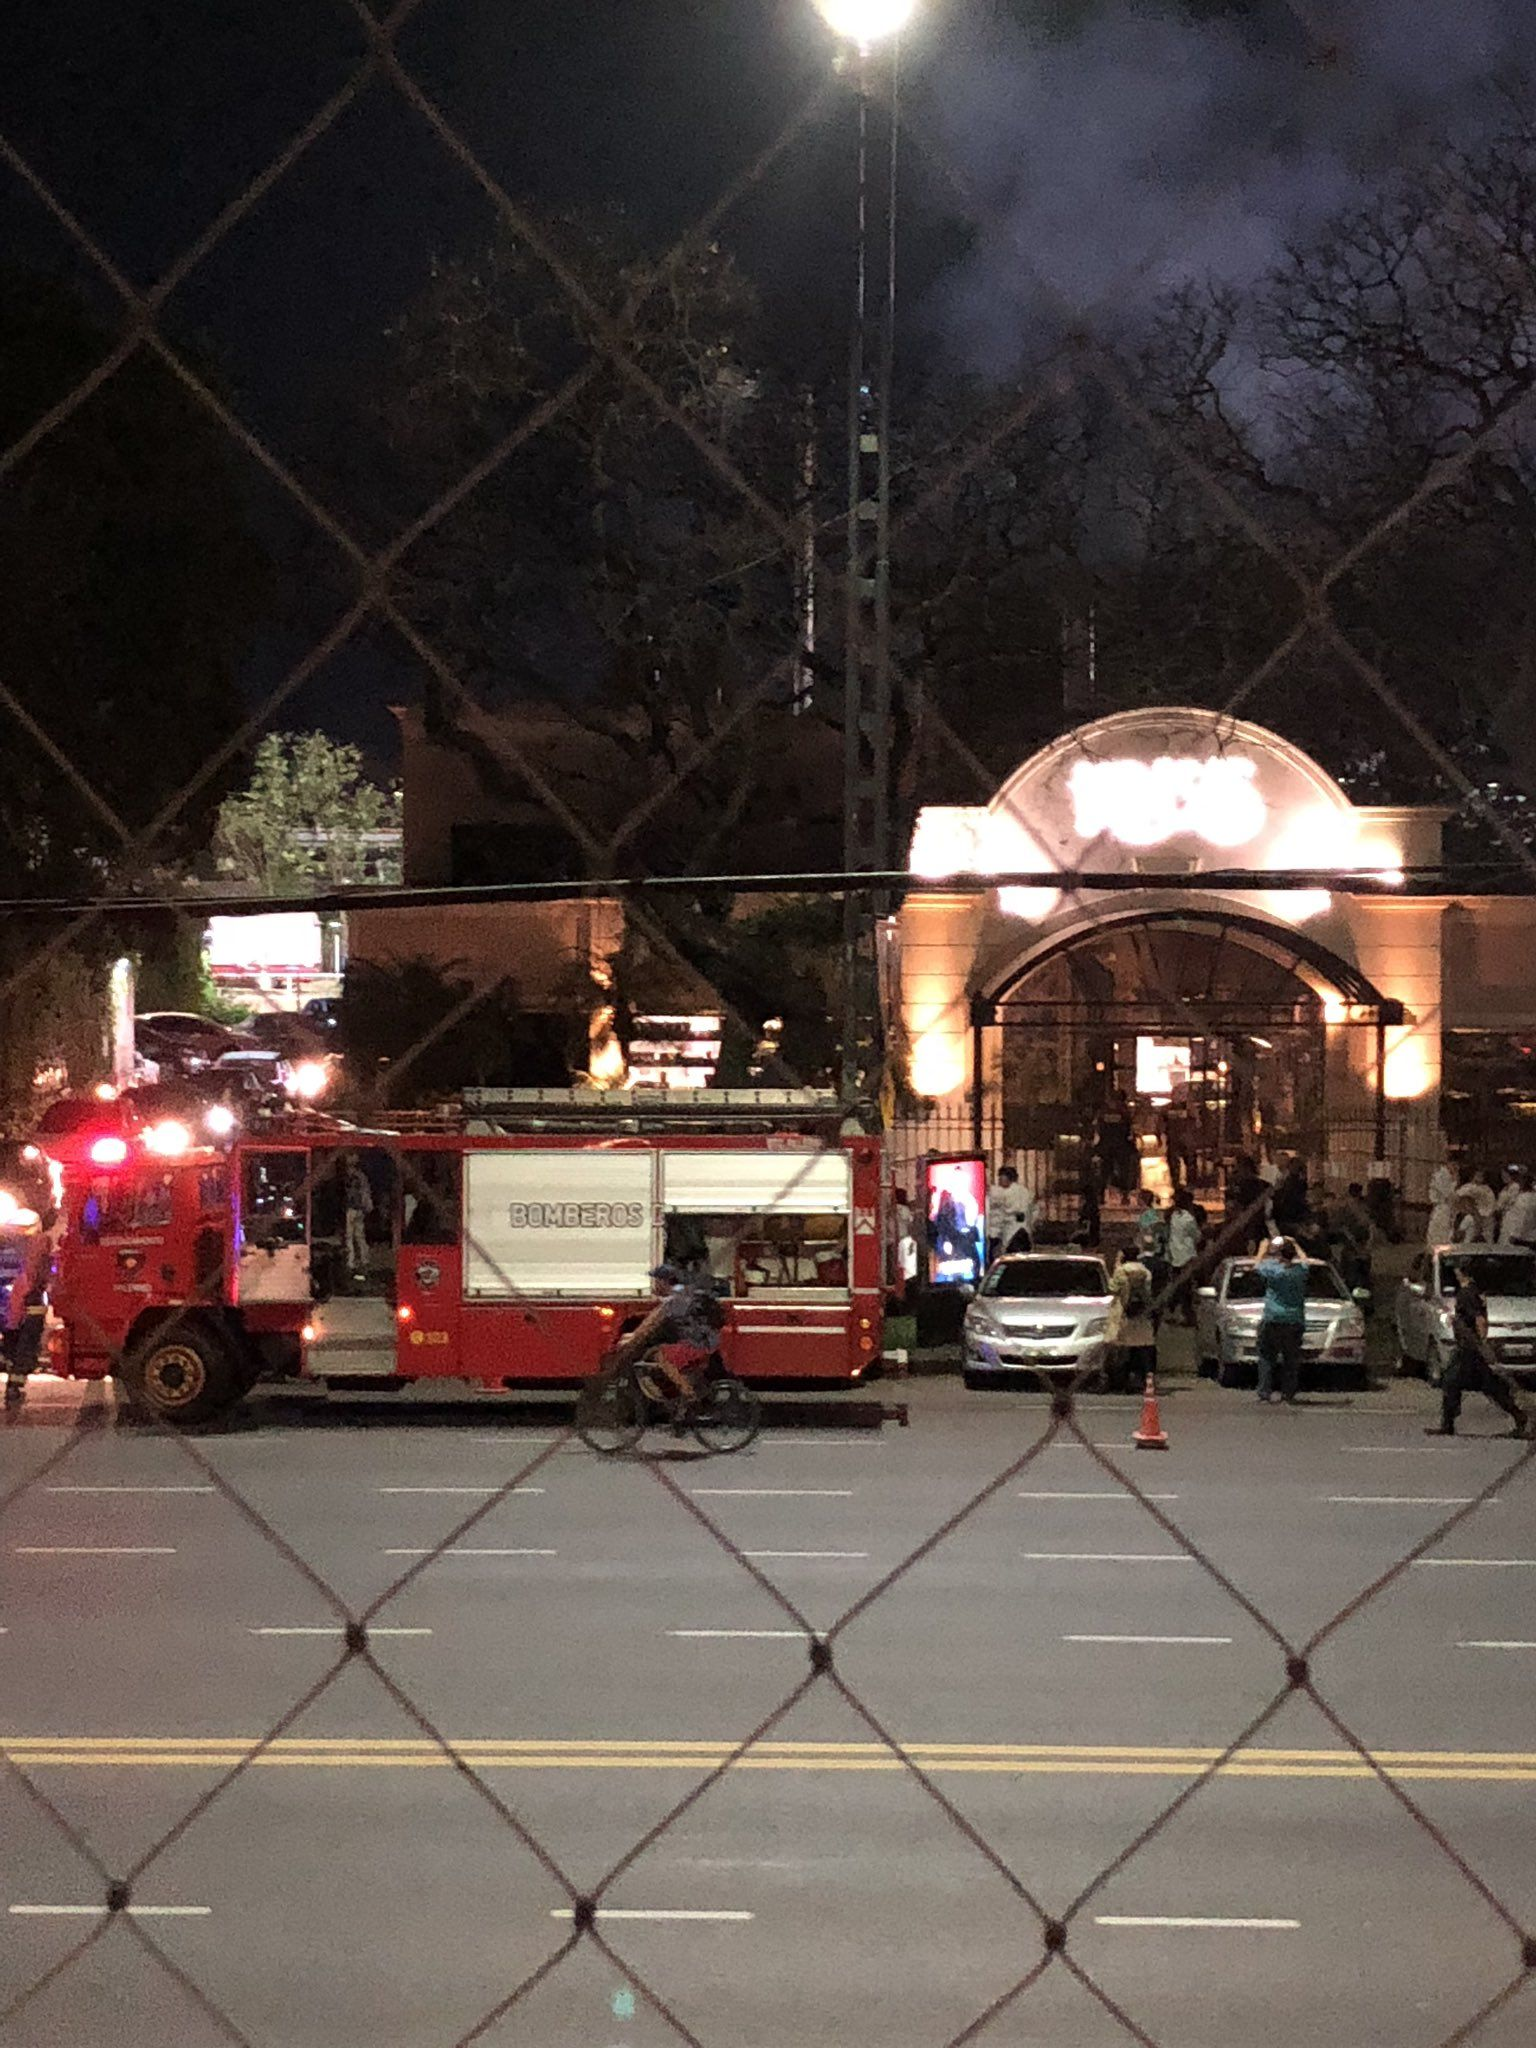 Incendio en el restaurante Kansas - Crédito:@candela_booth